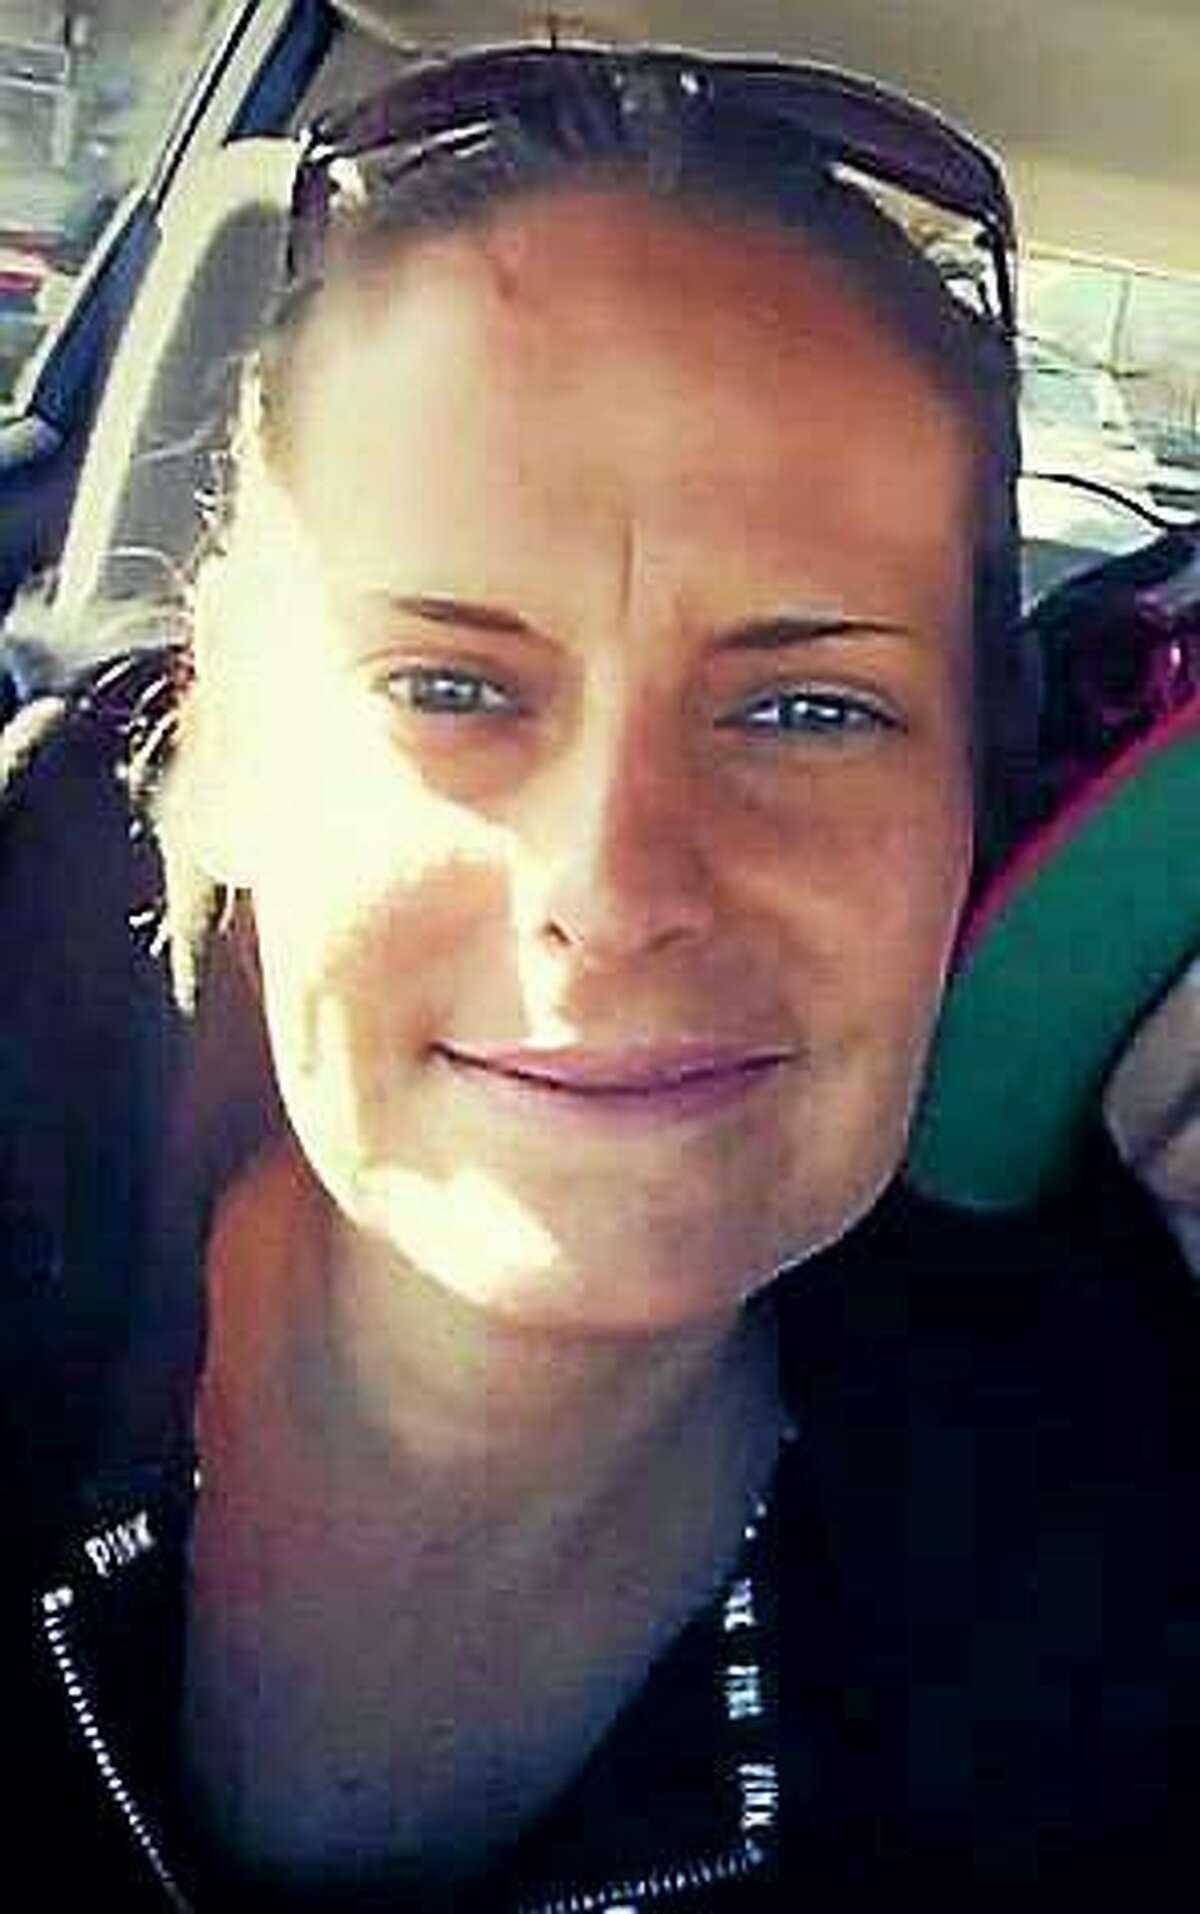 Erin M. O'Hanlon